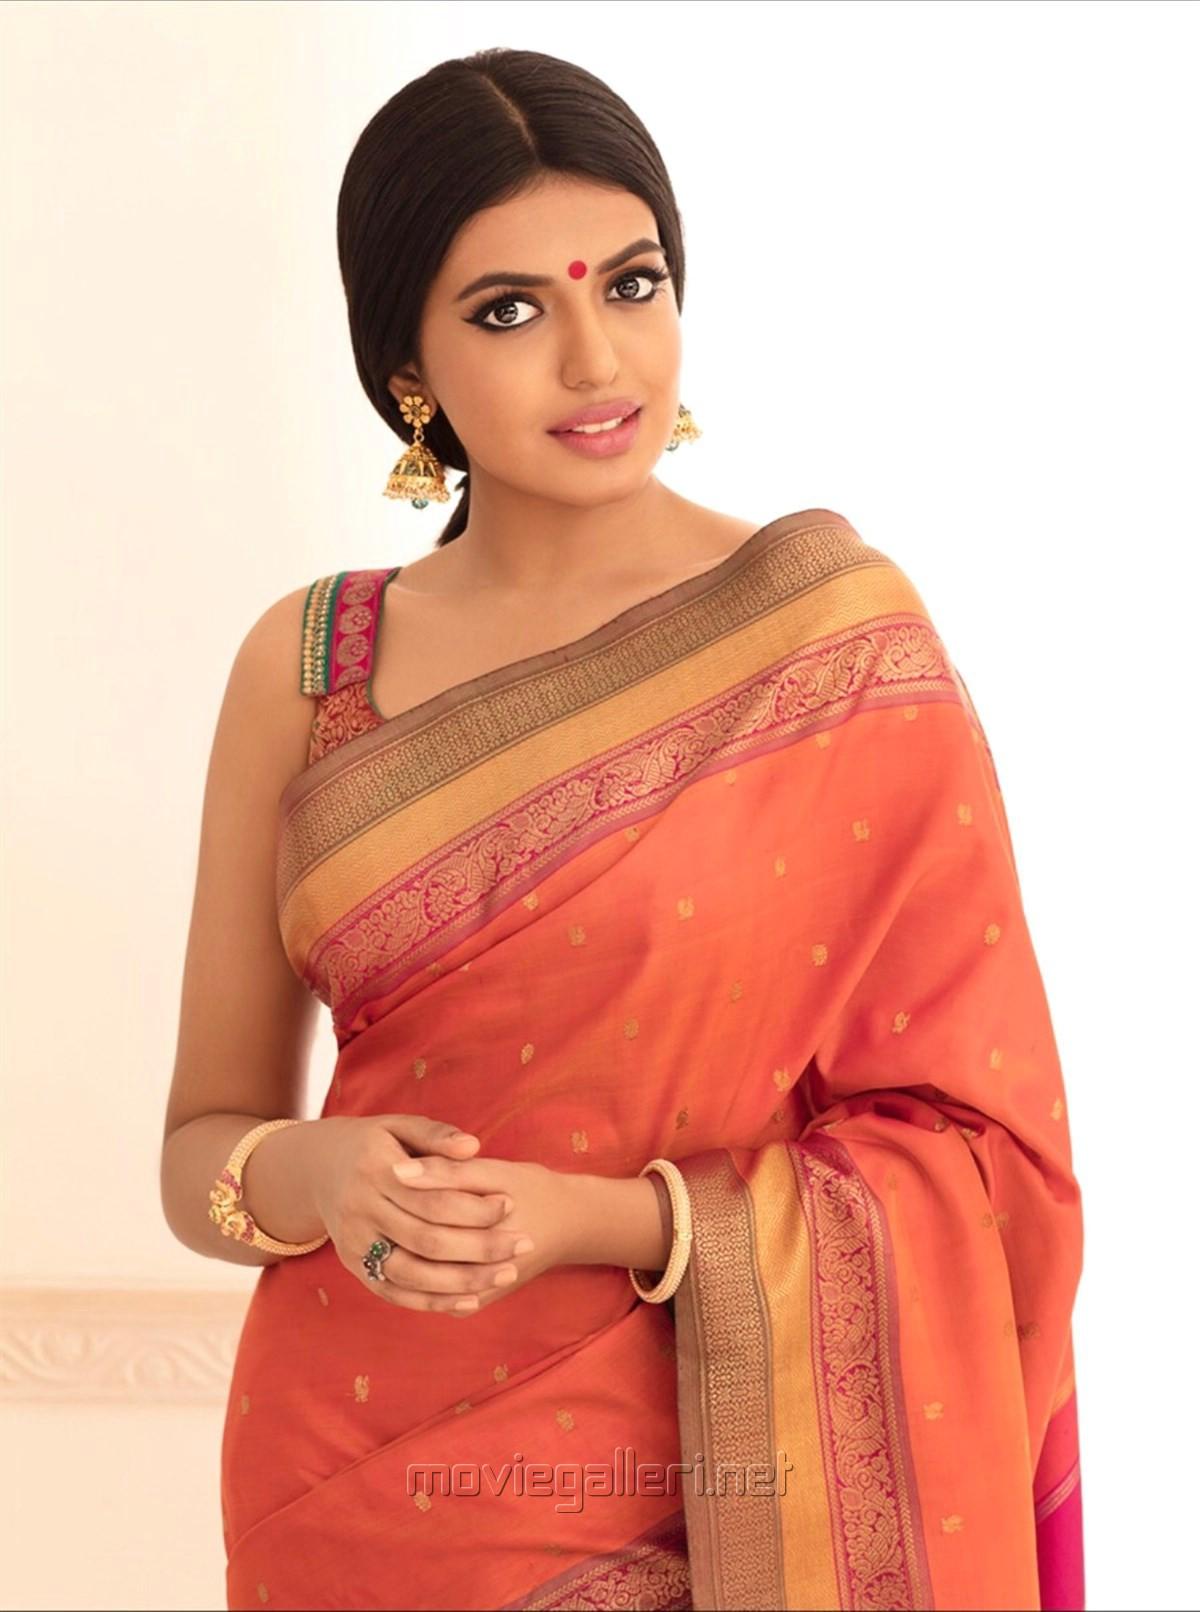 Actress Shivani Rajasekhar in Saree Photoshoot Stills